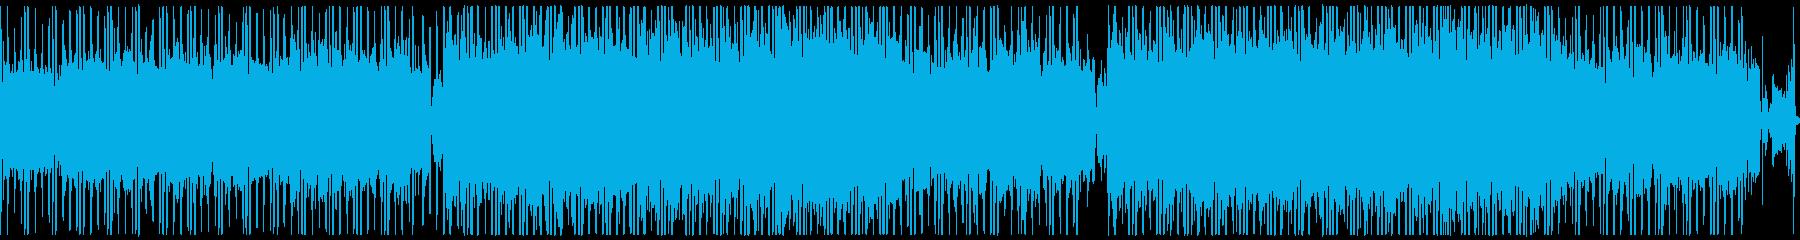 ツインギターのバッキングとシンセメロの再生済みの波形